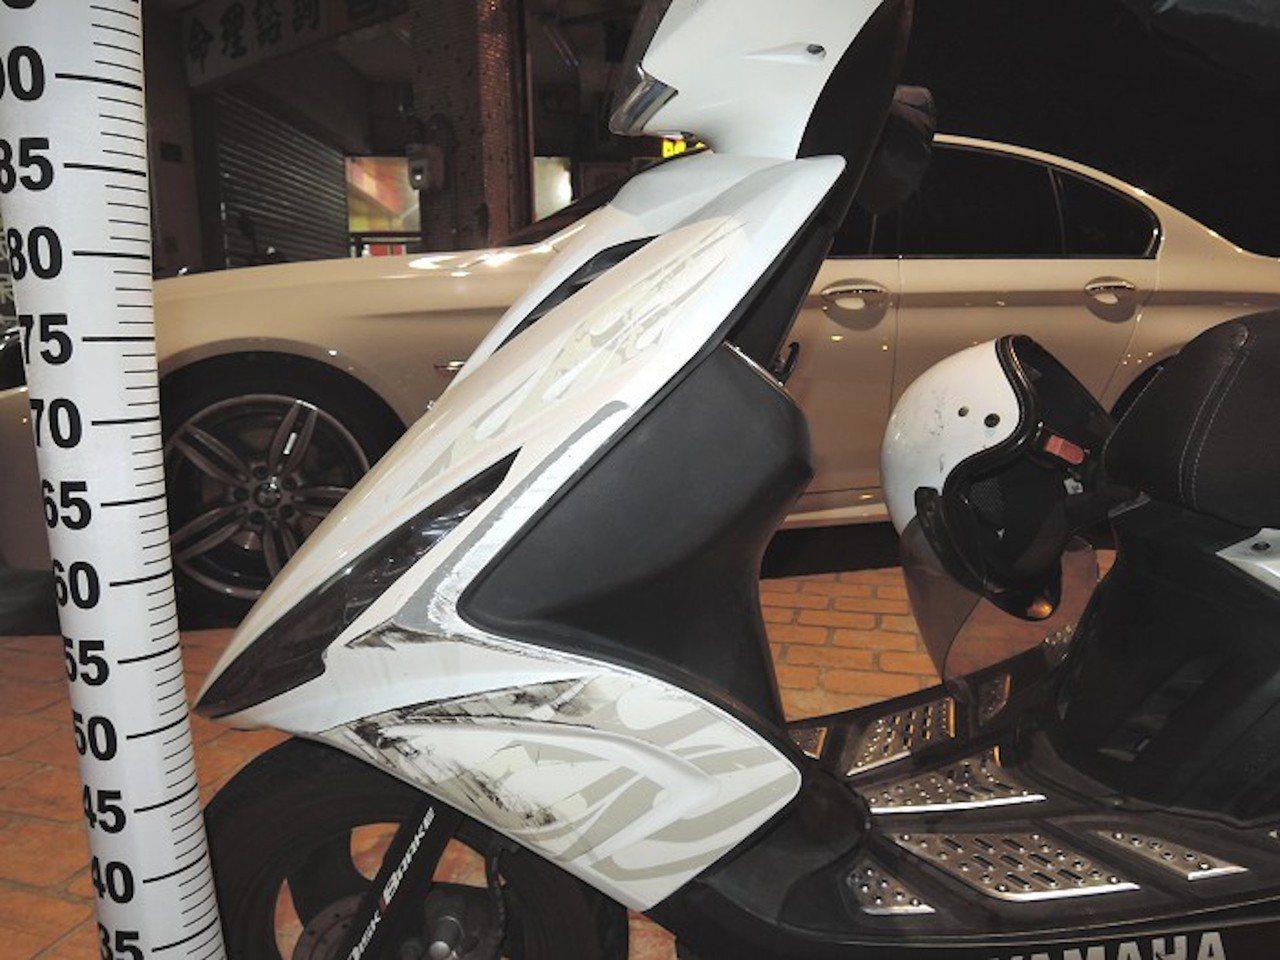 台中市楊姓老婦月初騎車遭擦撞後,駕駛肇事逃逸,楊婦機車車側毀損。記者陳宏睿/翻攝